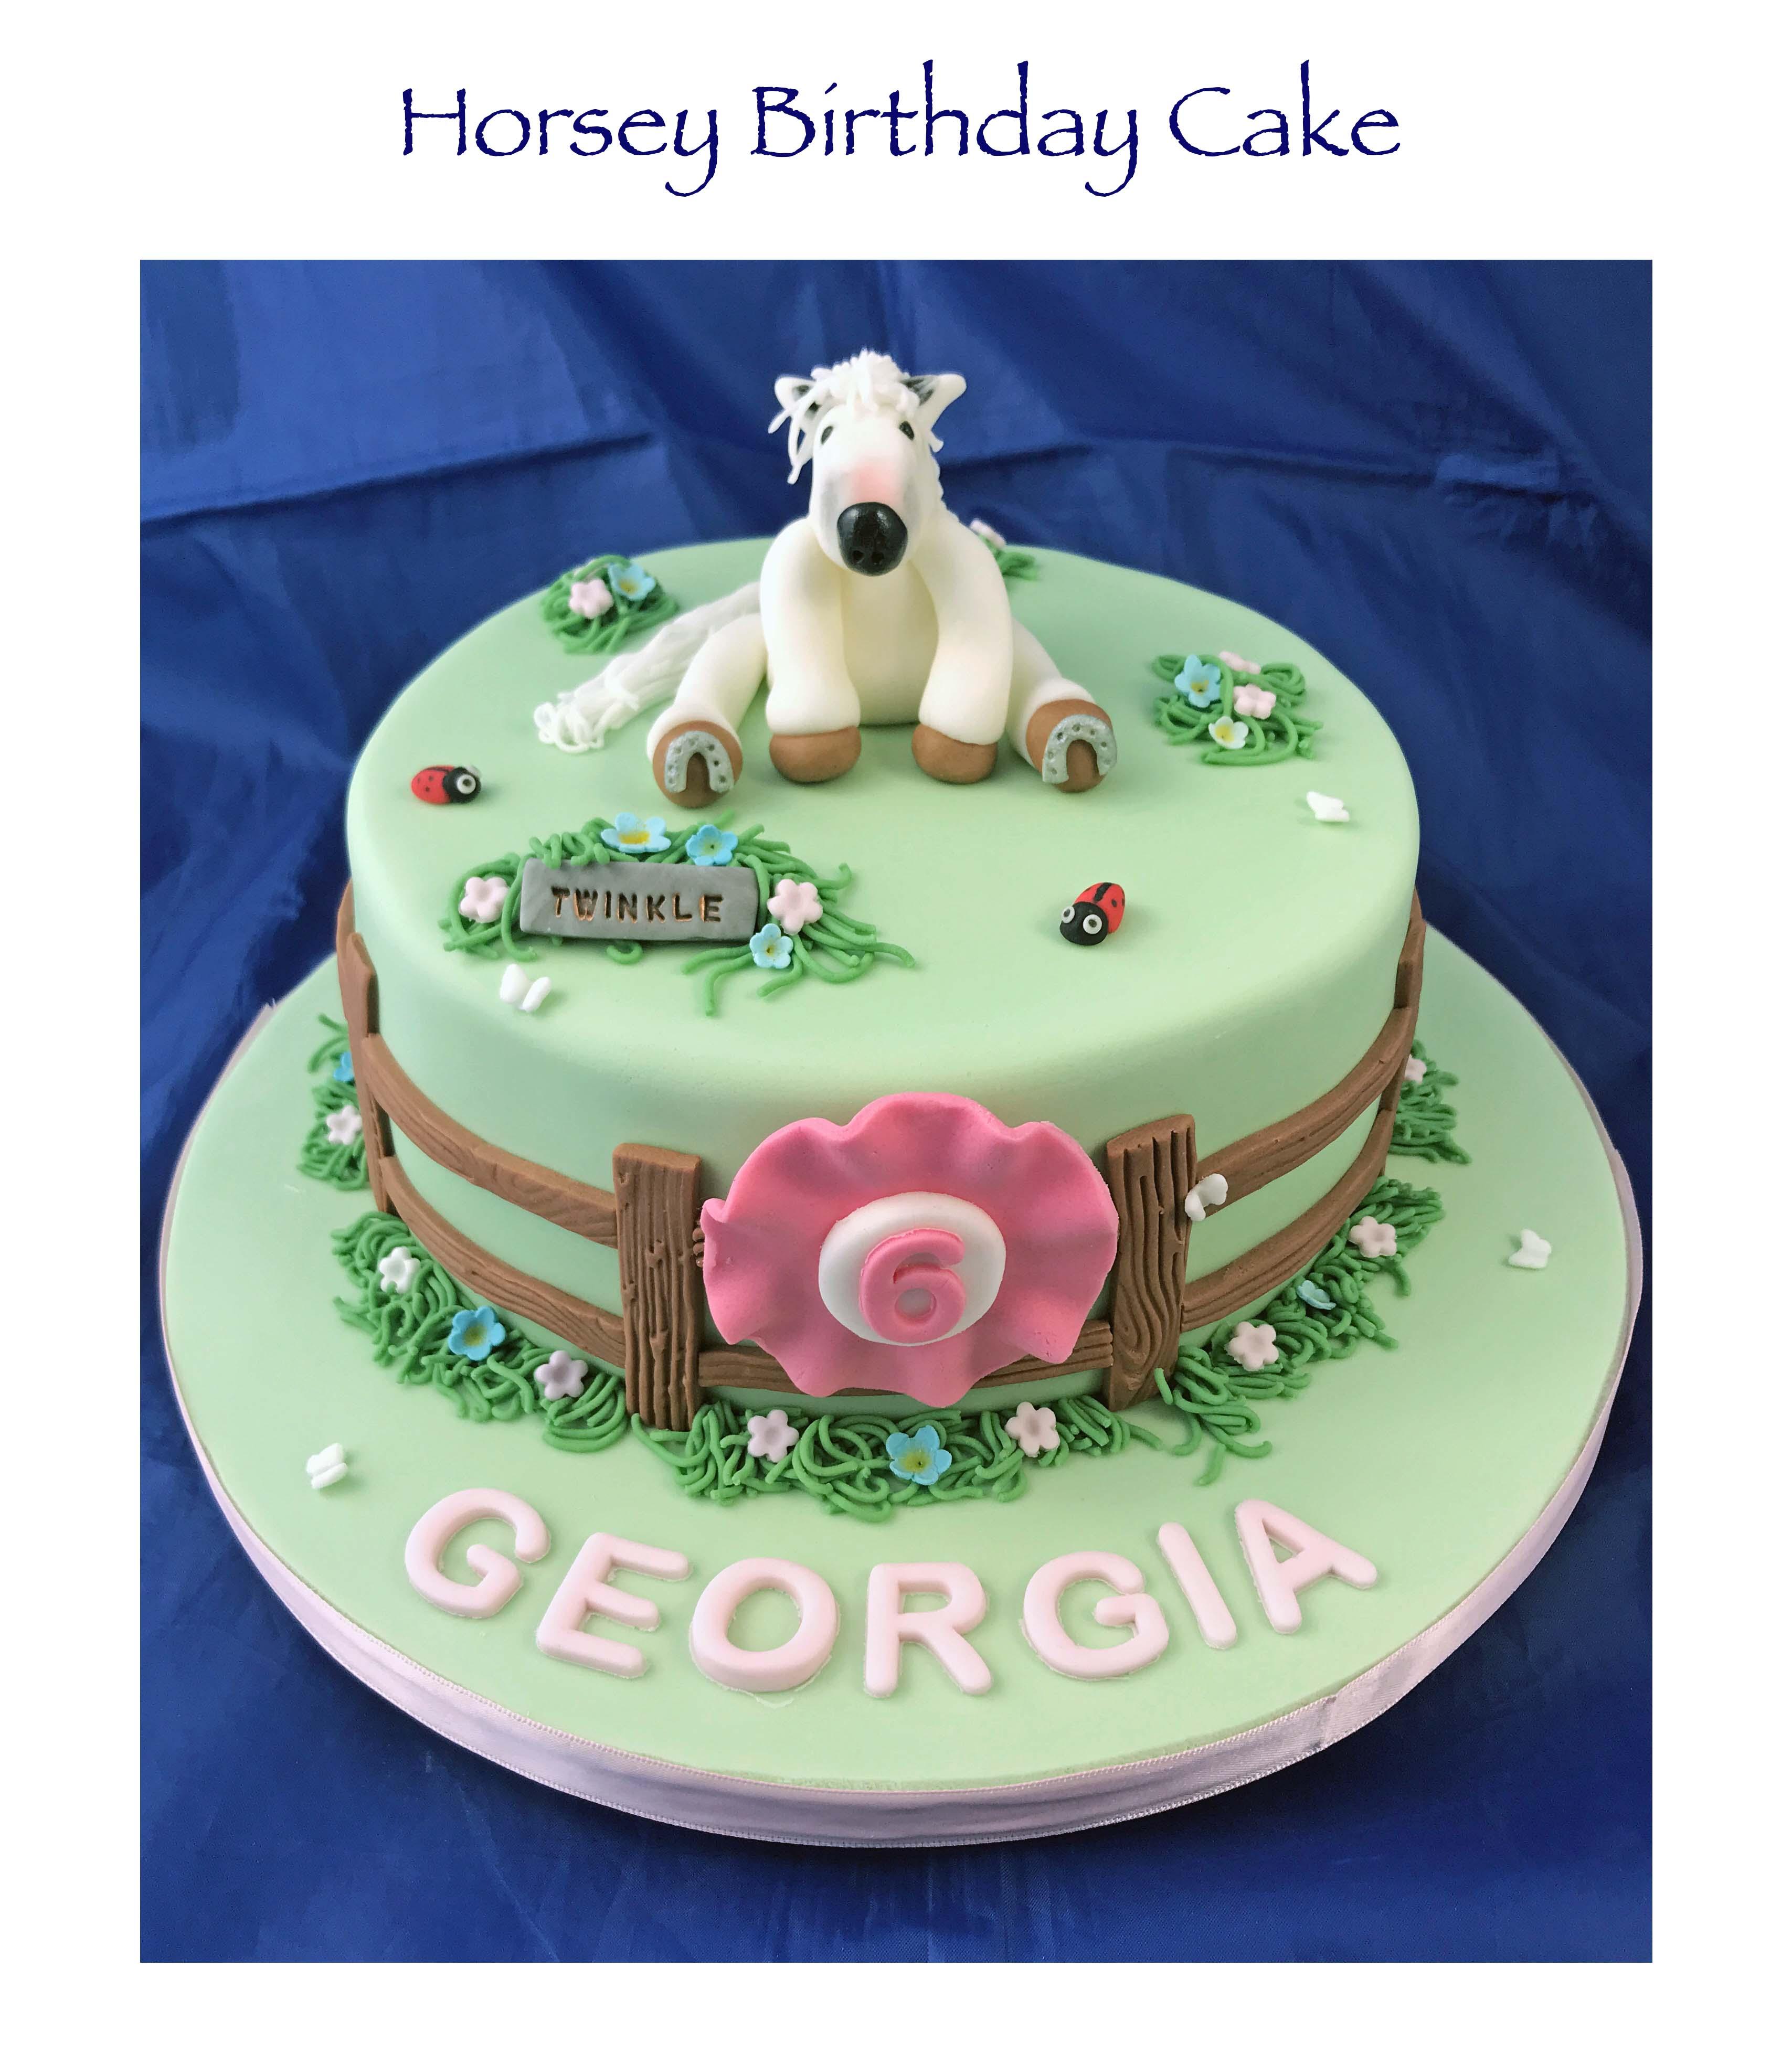 Horsey Birthday Cake 2